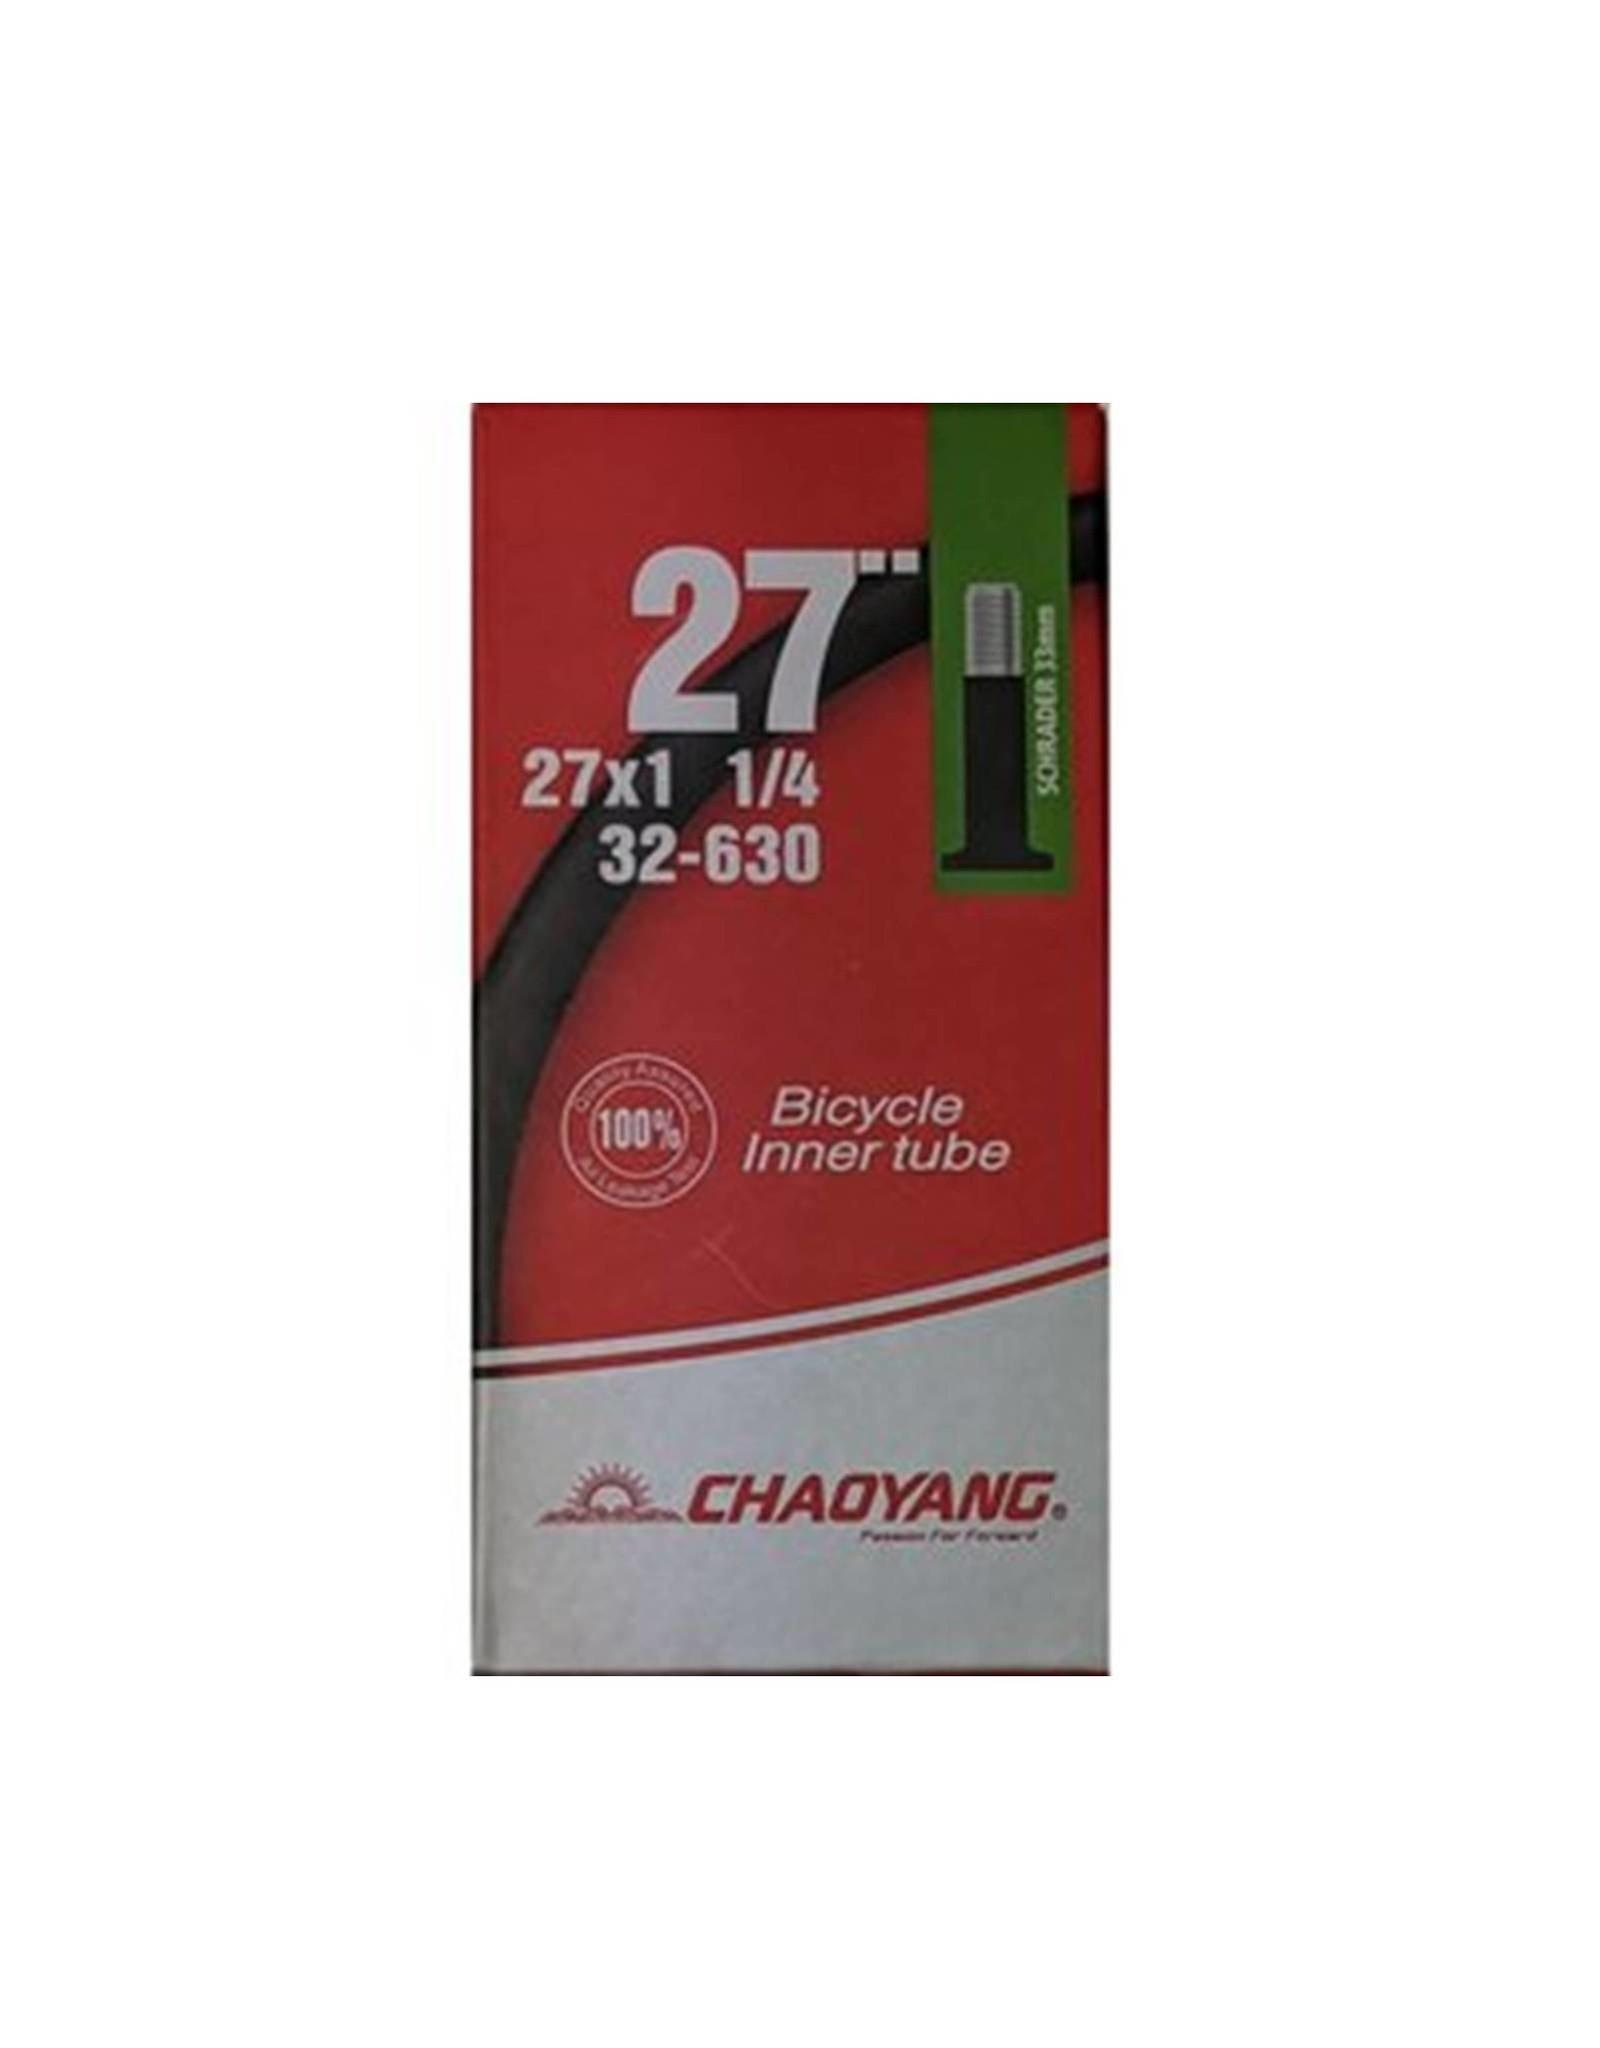 Chaoyang 27 x 1 1/4 Schrader Tube